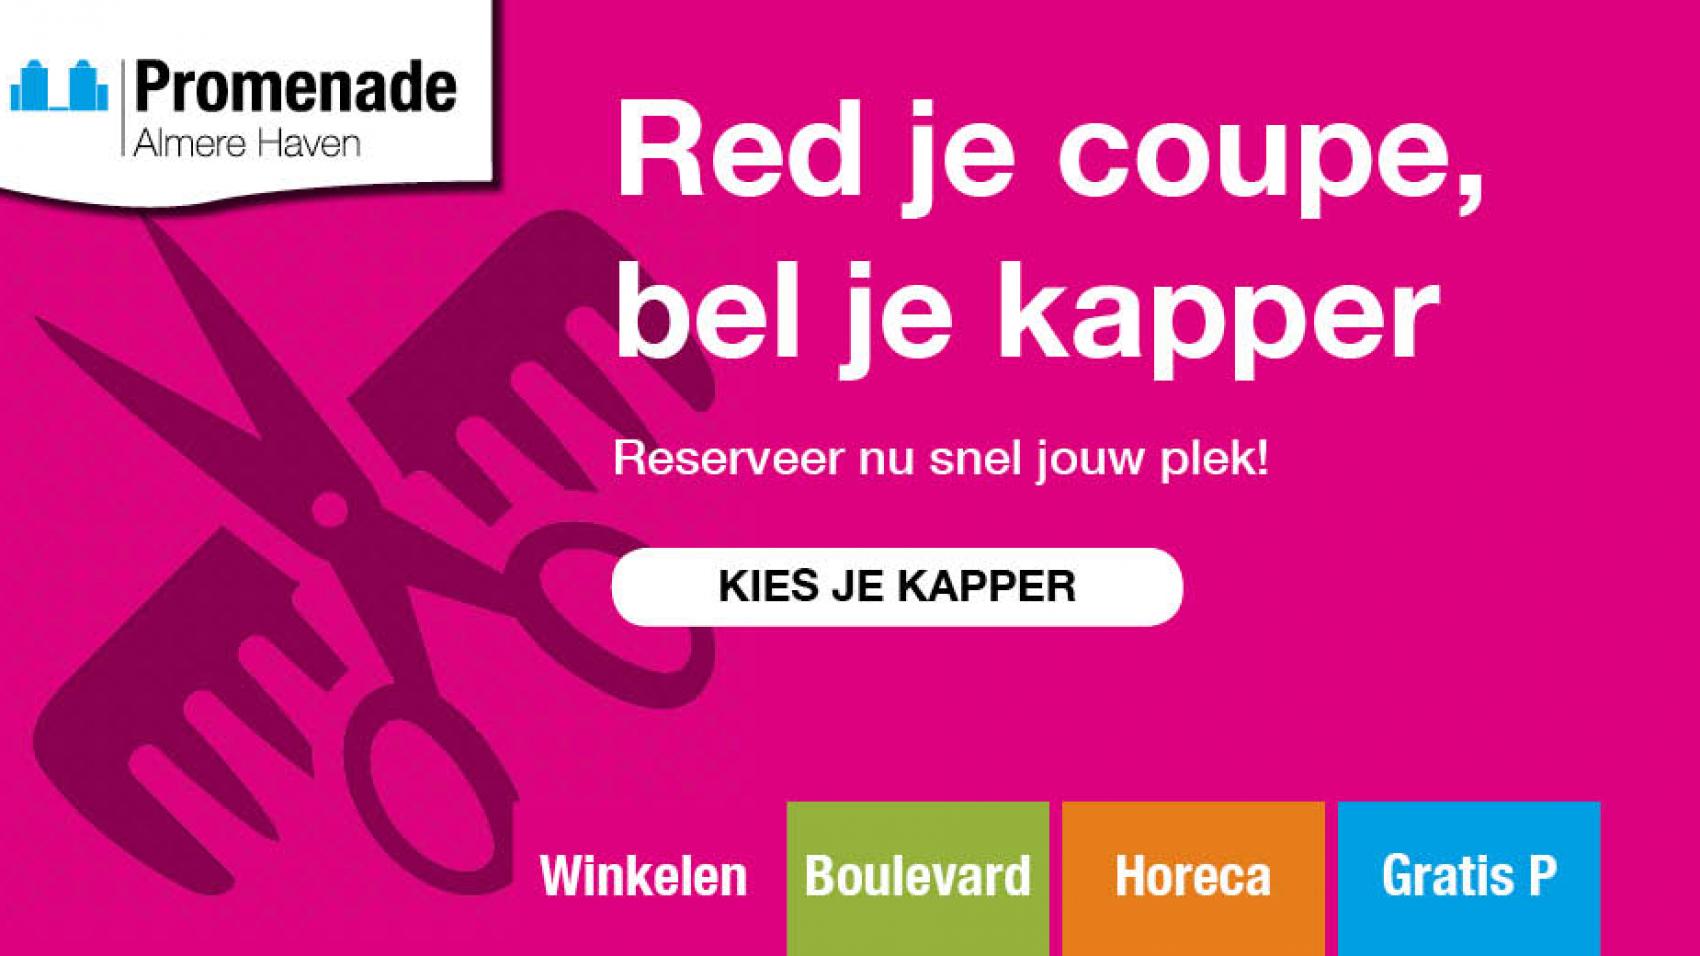 promenade_kapper_reserveren